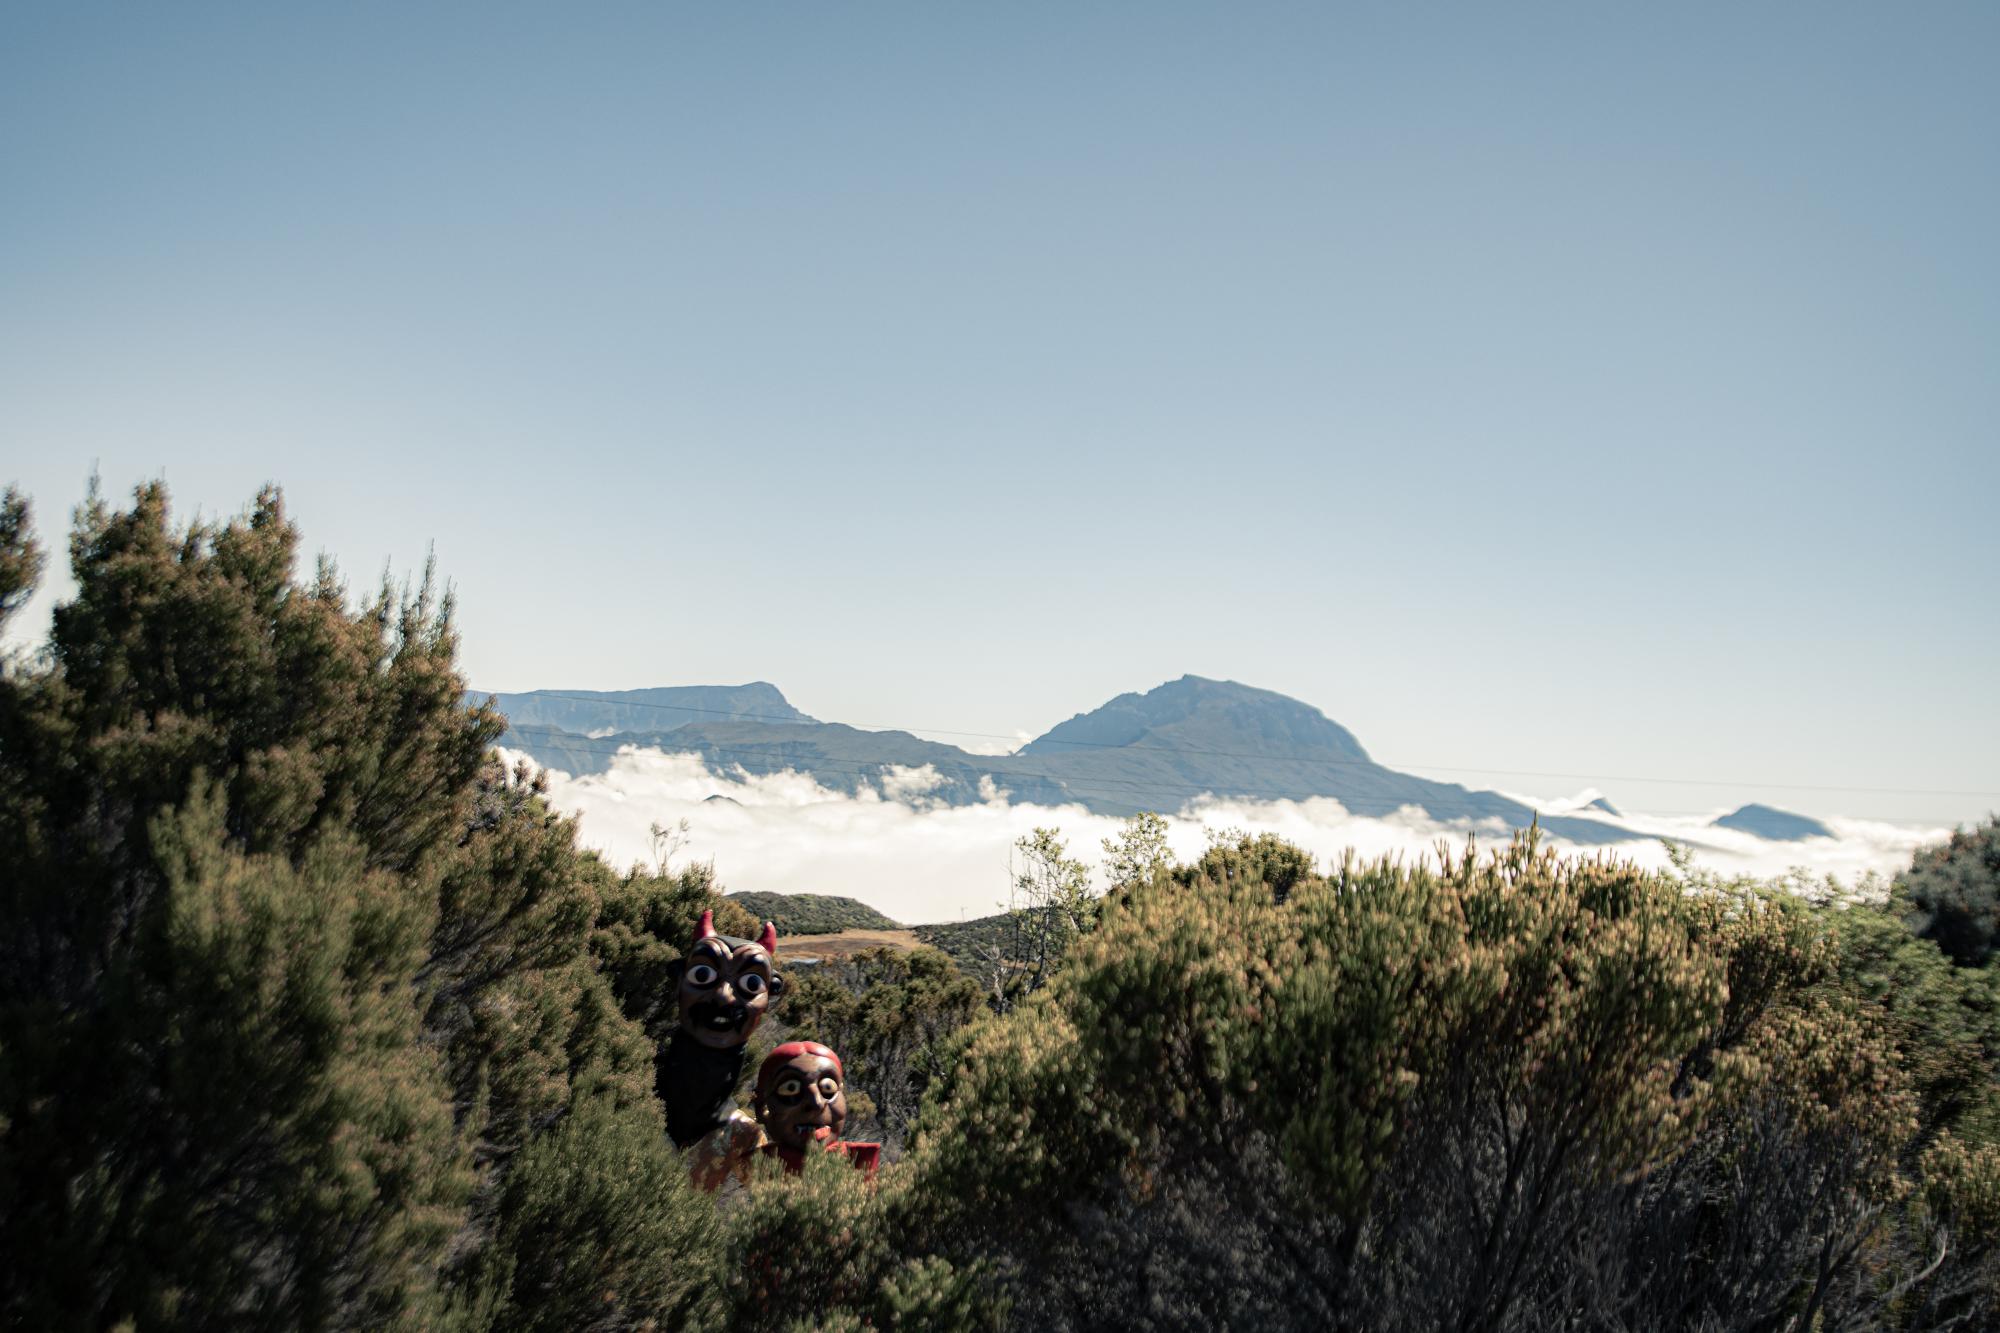 Balade volcan